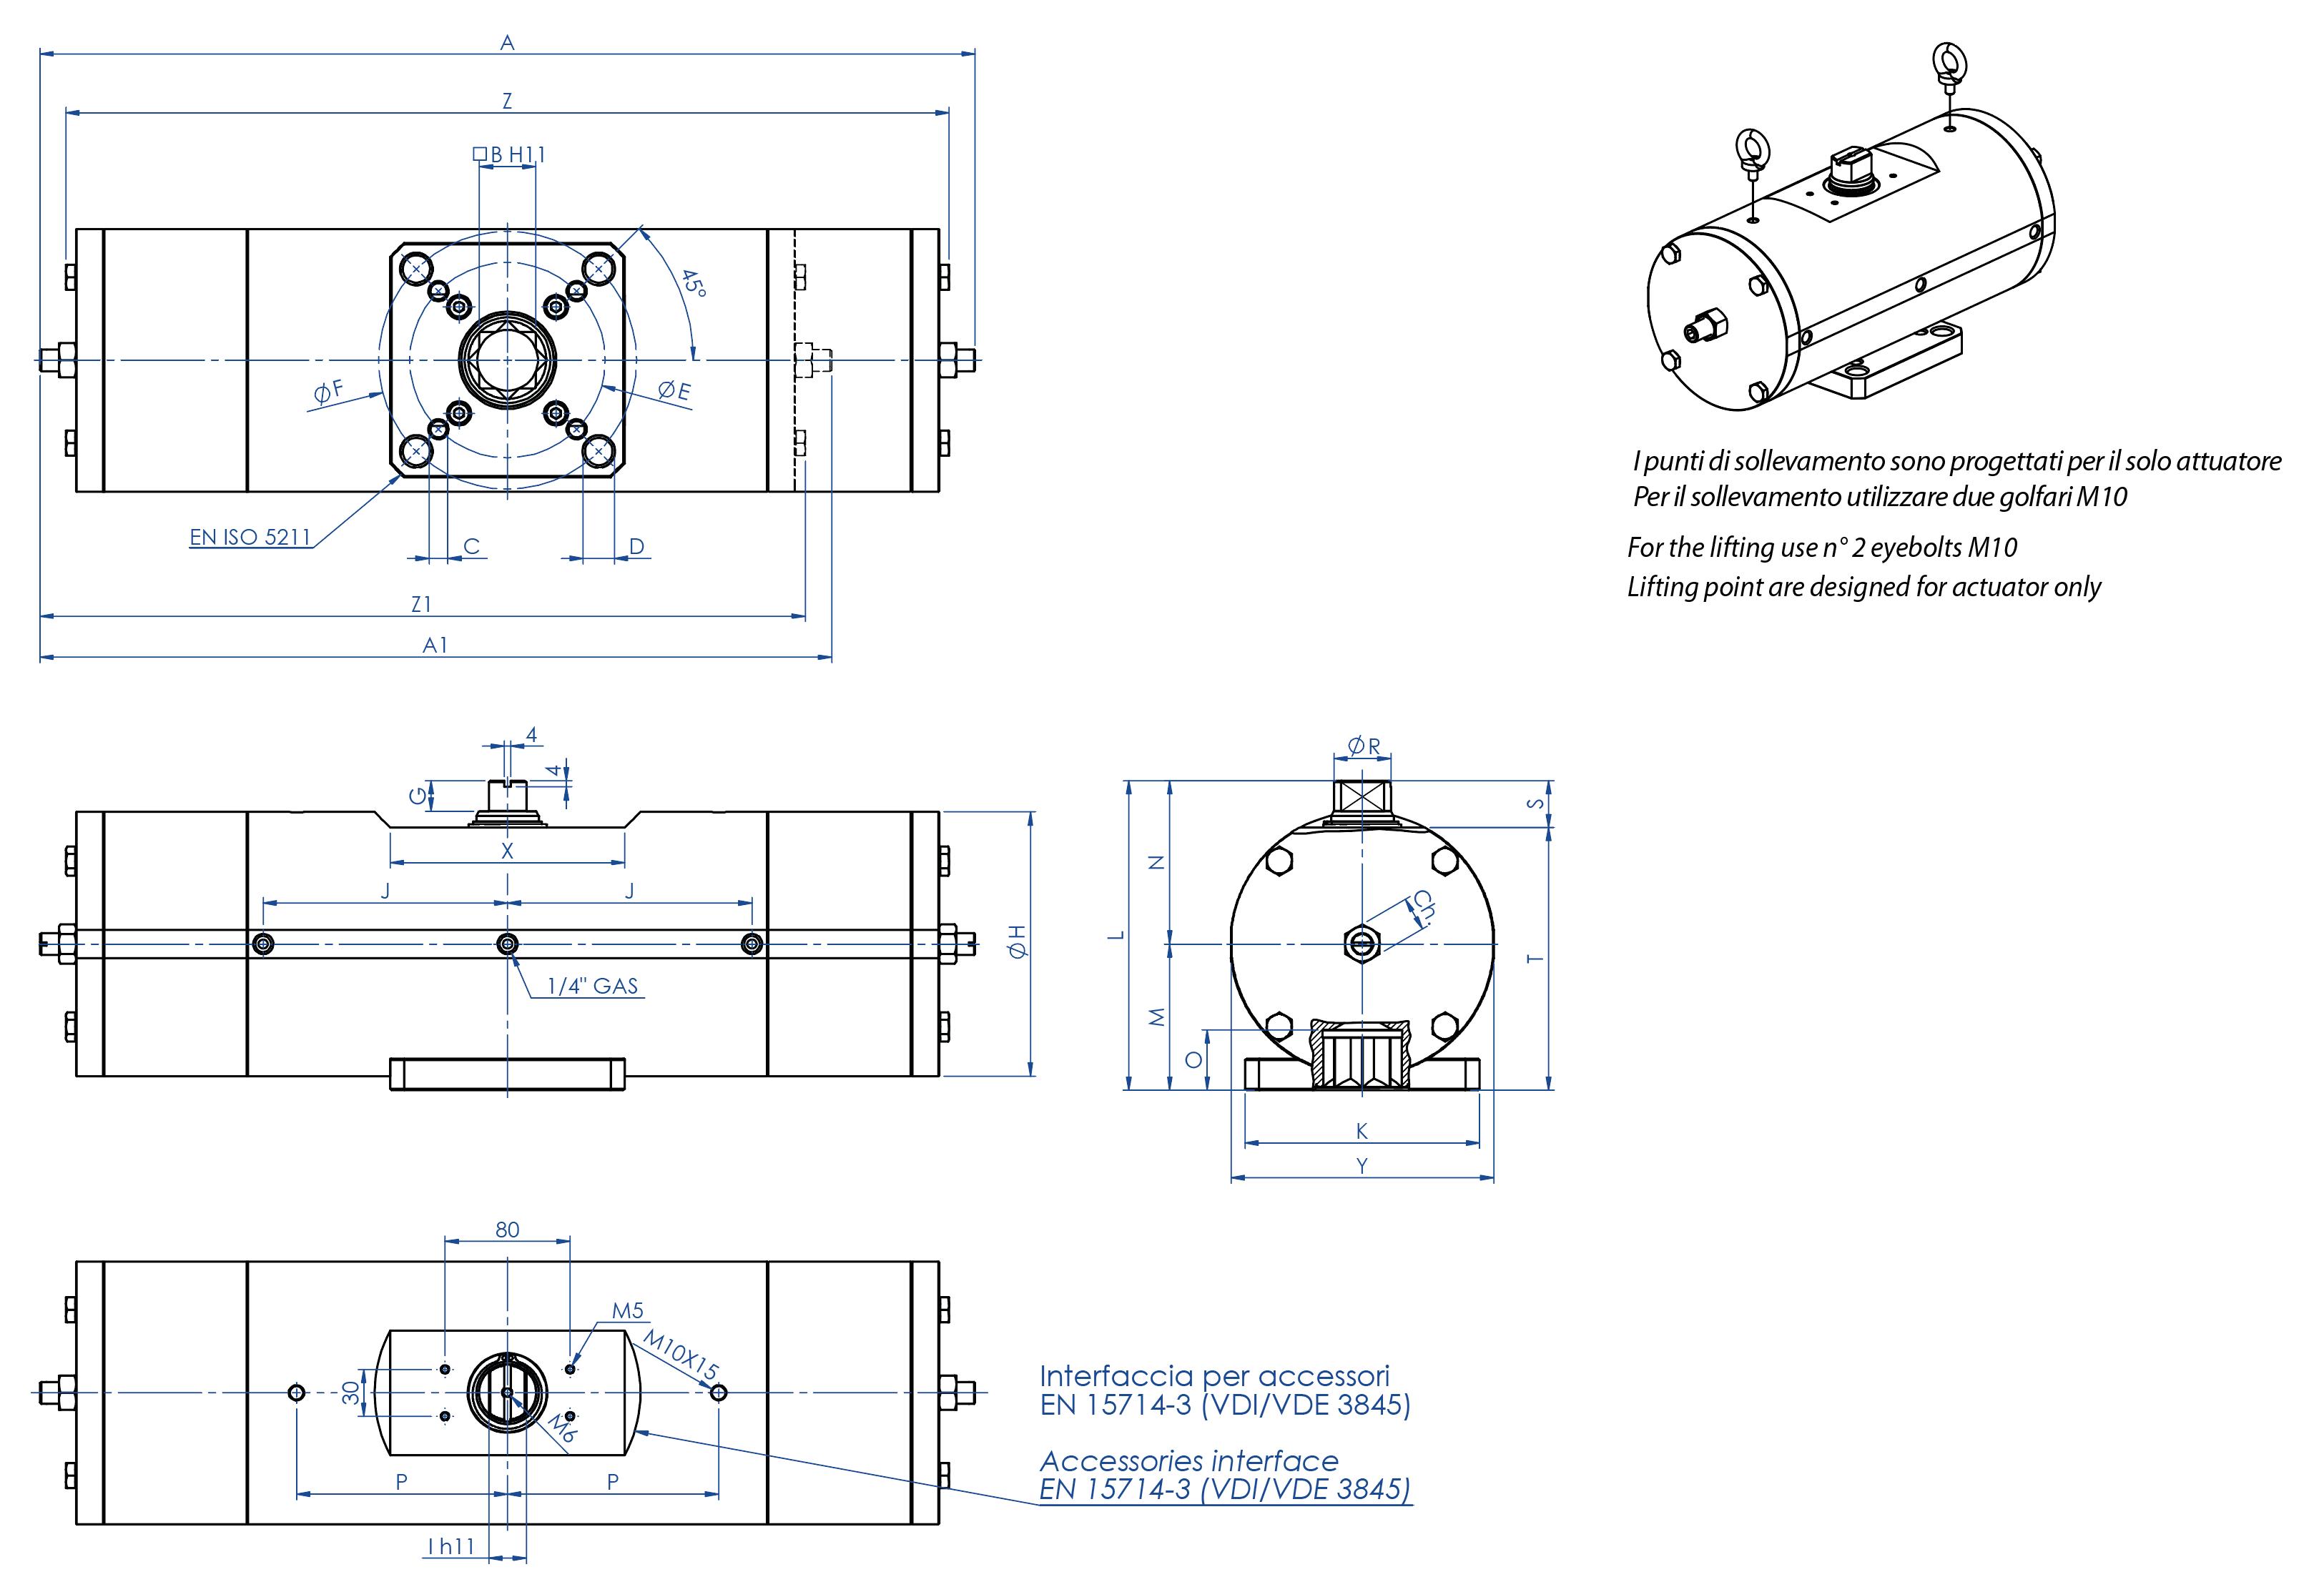 Einfachwirkender pneumatischer Stellantrieb GS aus Edelstahl 316 Strangguss - abmessungen -